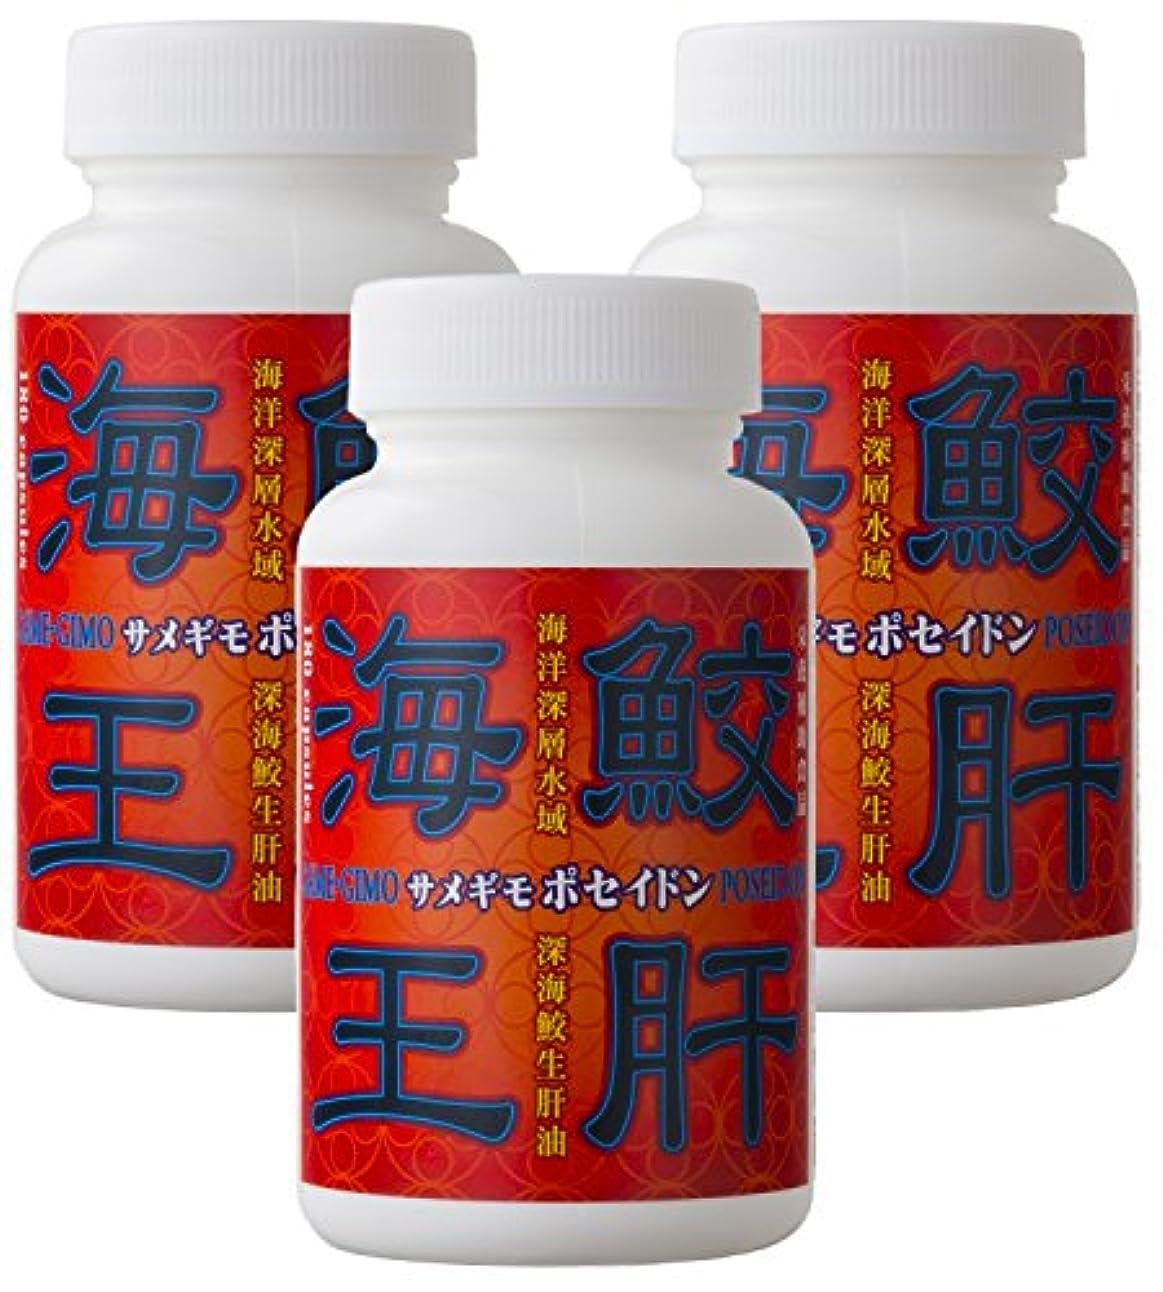 胃雪放牧するエバーライフ 鮫生肝油 「鮫肝海王 (サメギモポセイドン)」 180粒 3本セット